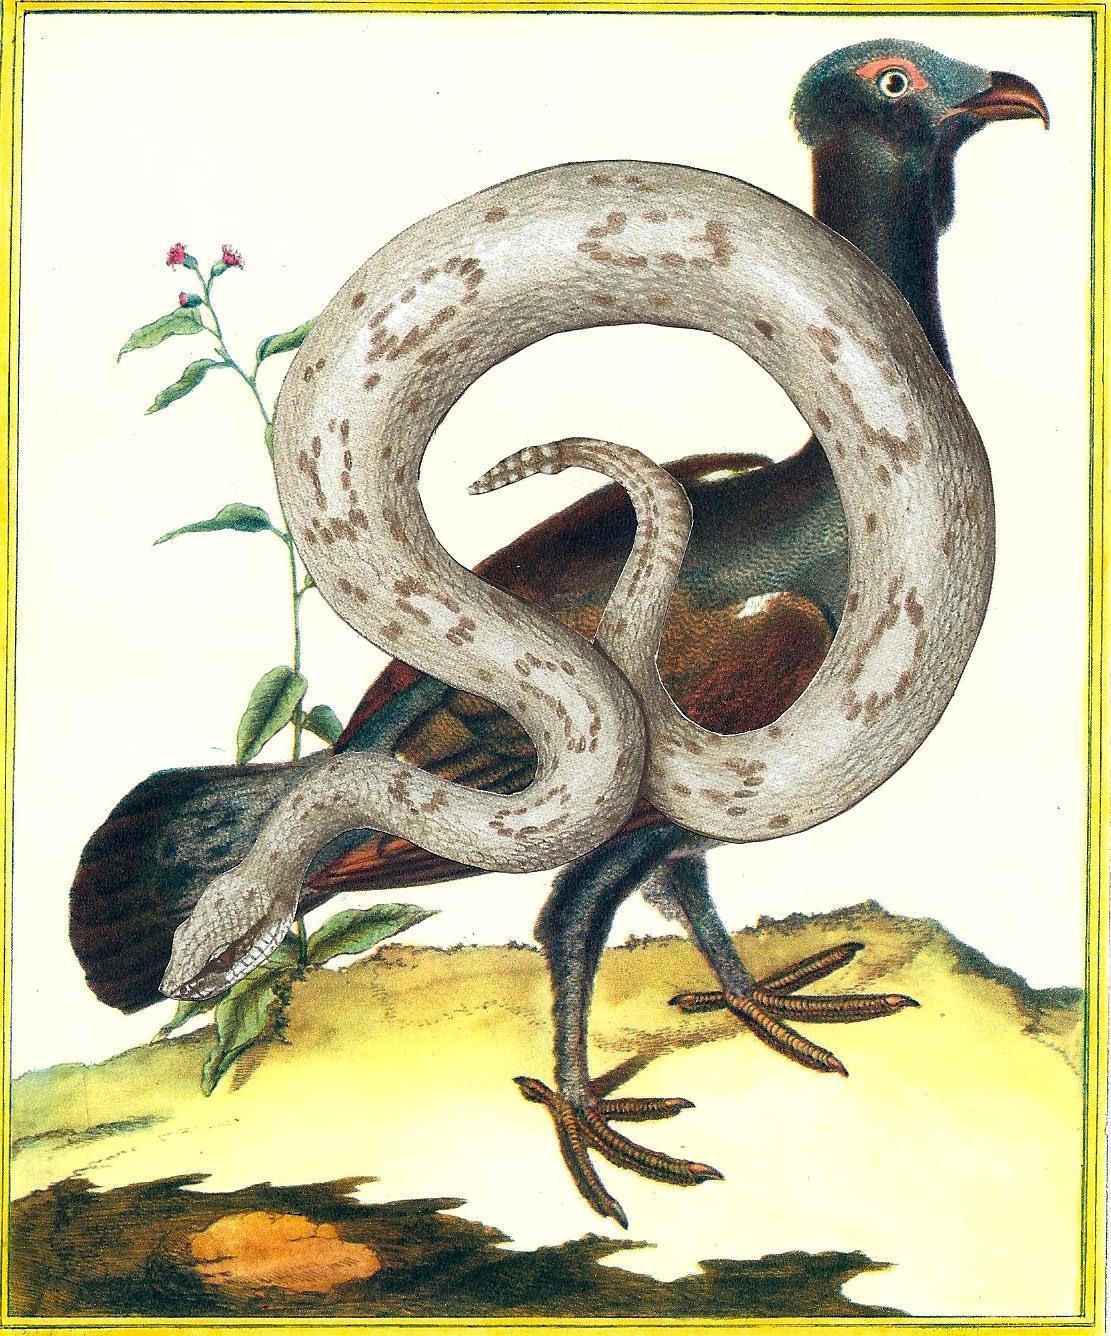 Le_Coq_de_bruyère_Le_Crotale,_Serpent_à_sonnette_-_LS_2012_(1)